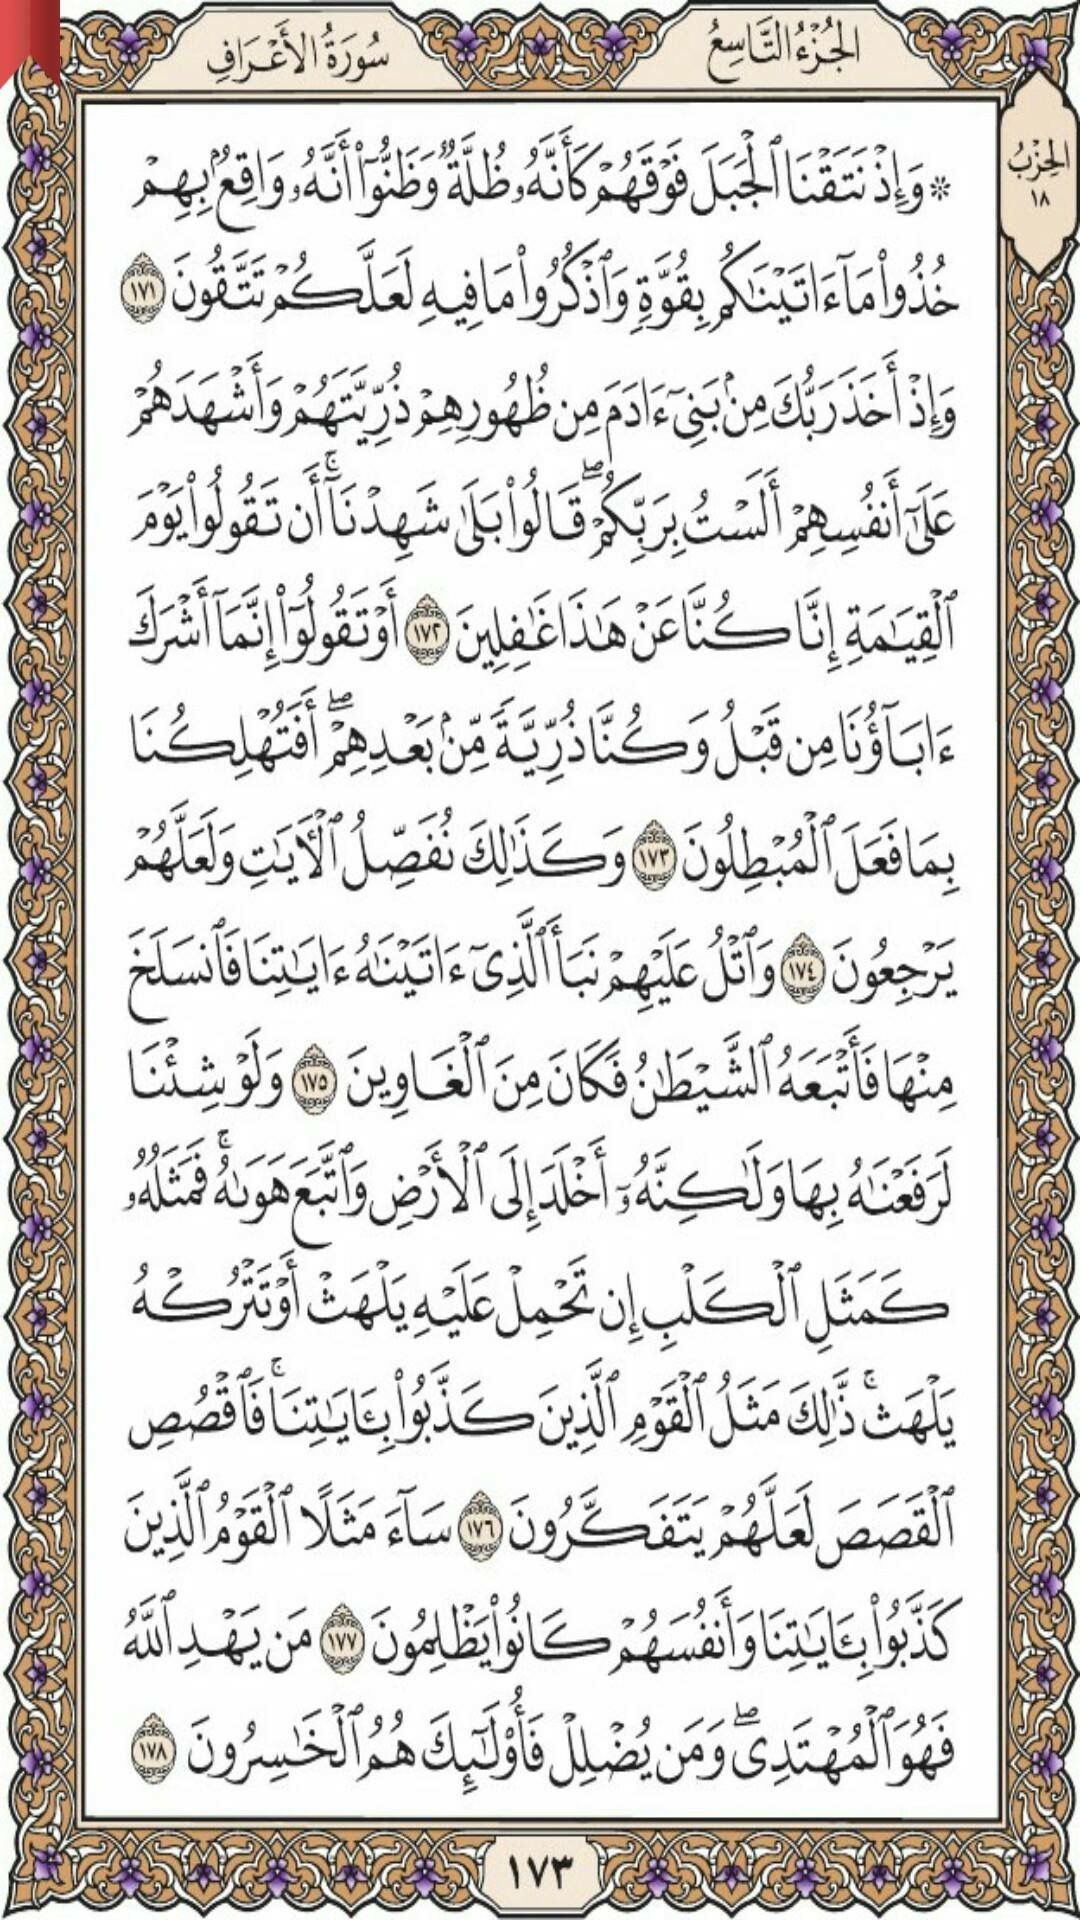 ١٧١ ١٧٨ الأعراف Holy Quran Quran Holy Quran Book